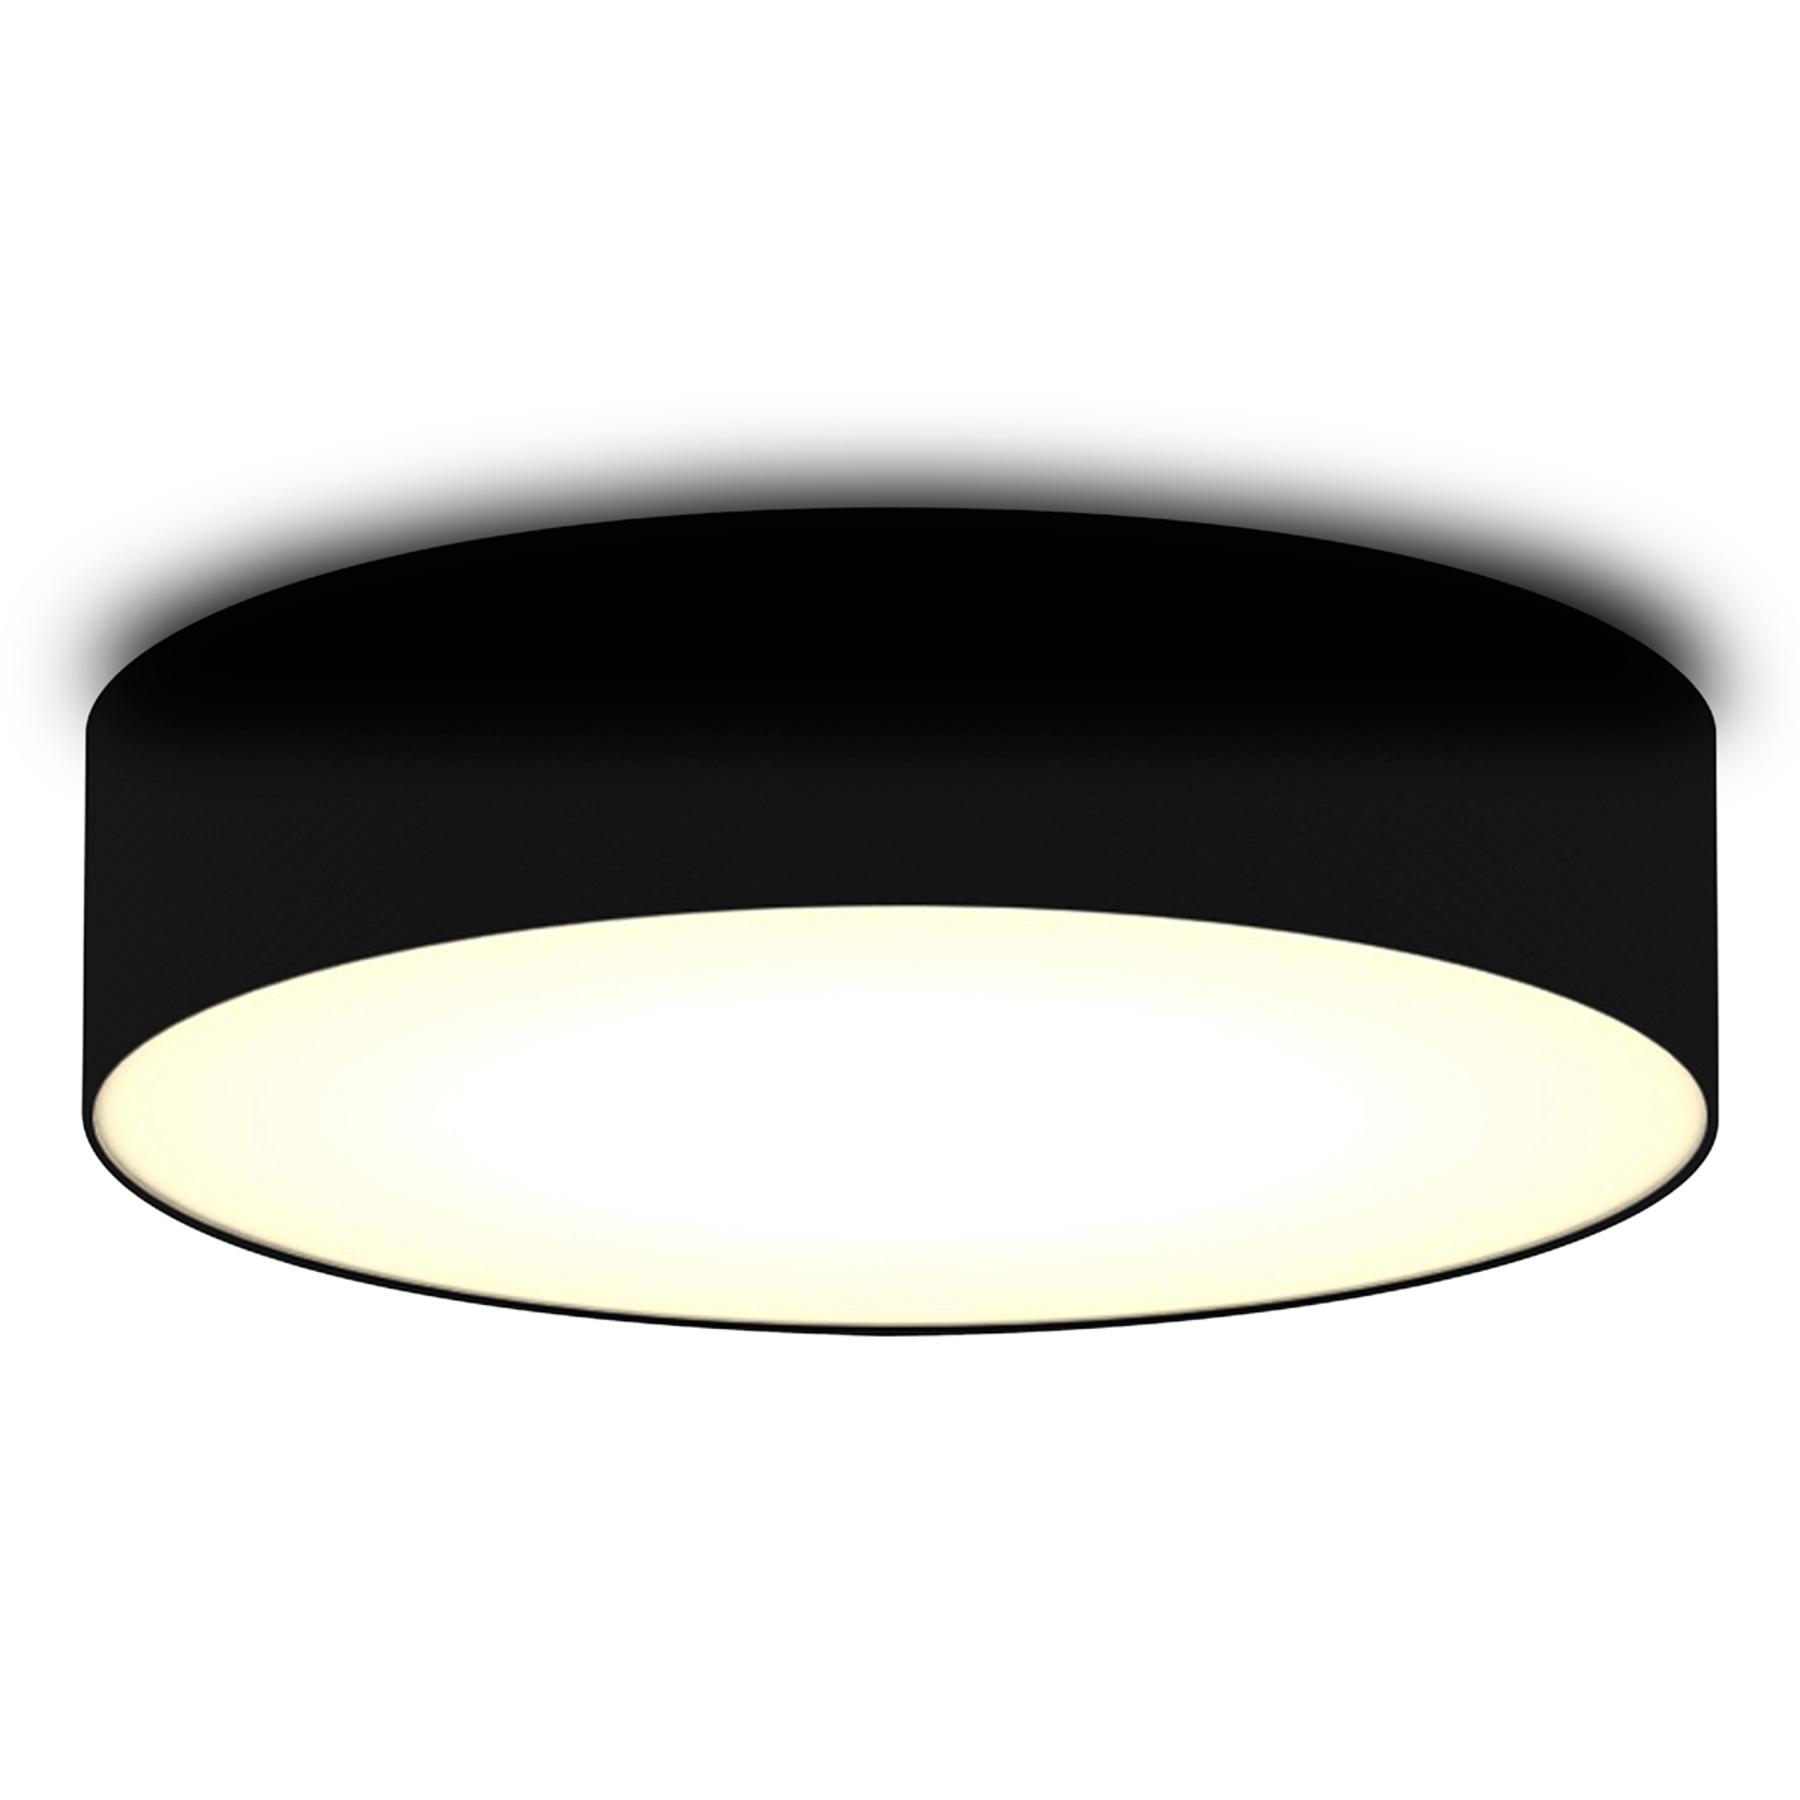 Zwarte textiel-plafondlamp Ceiling Dream 40 cm